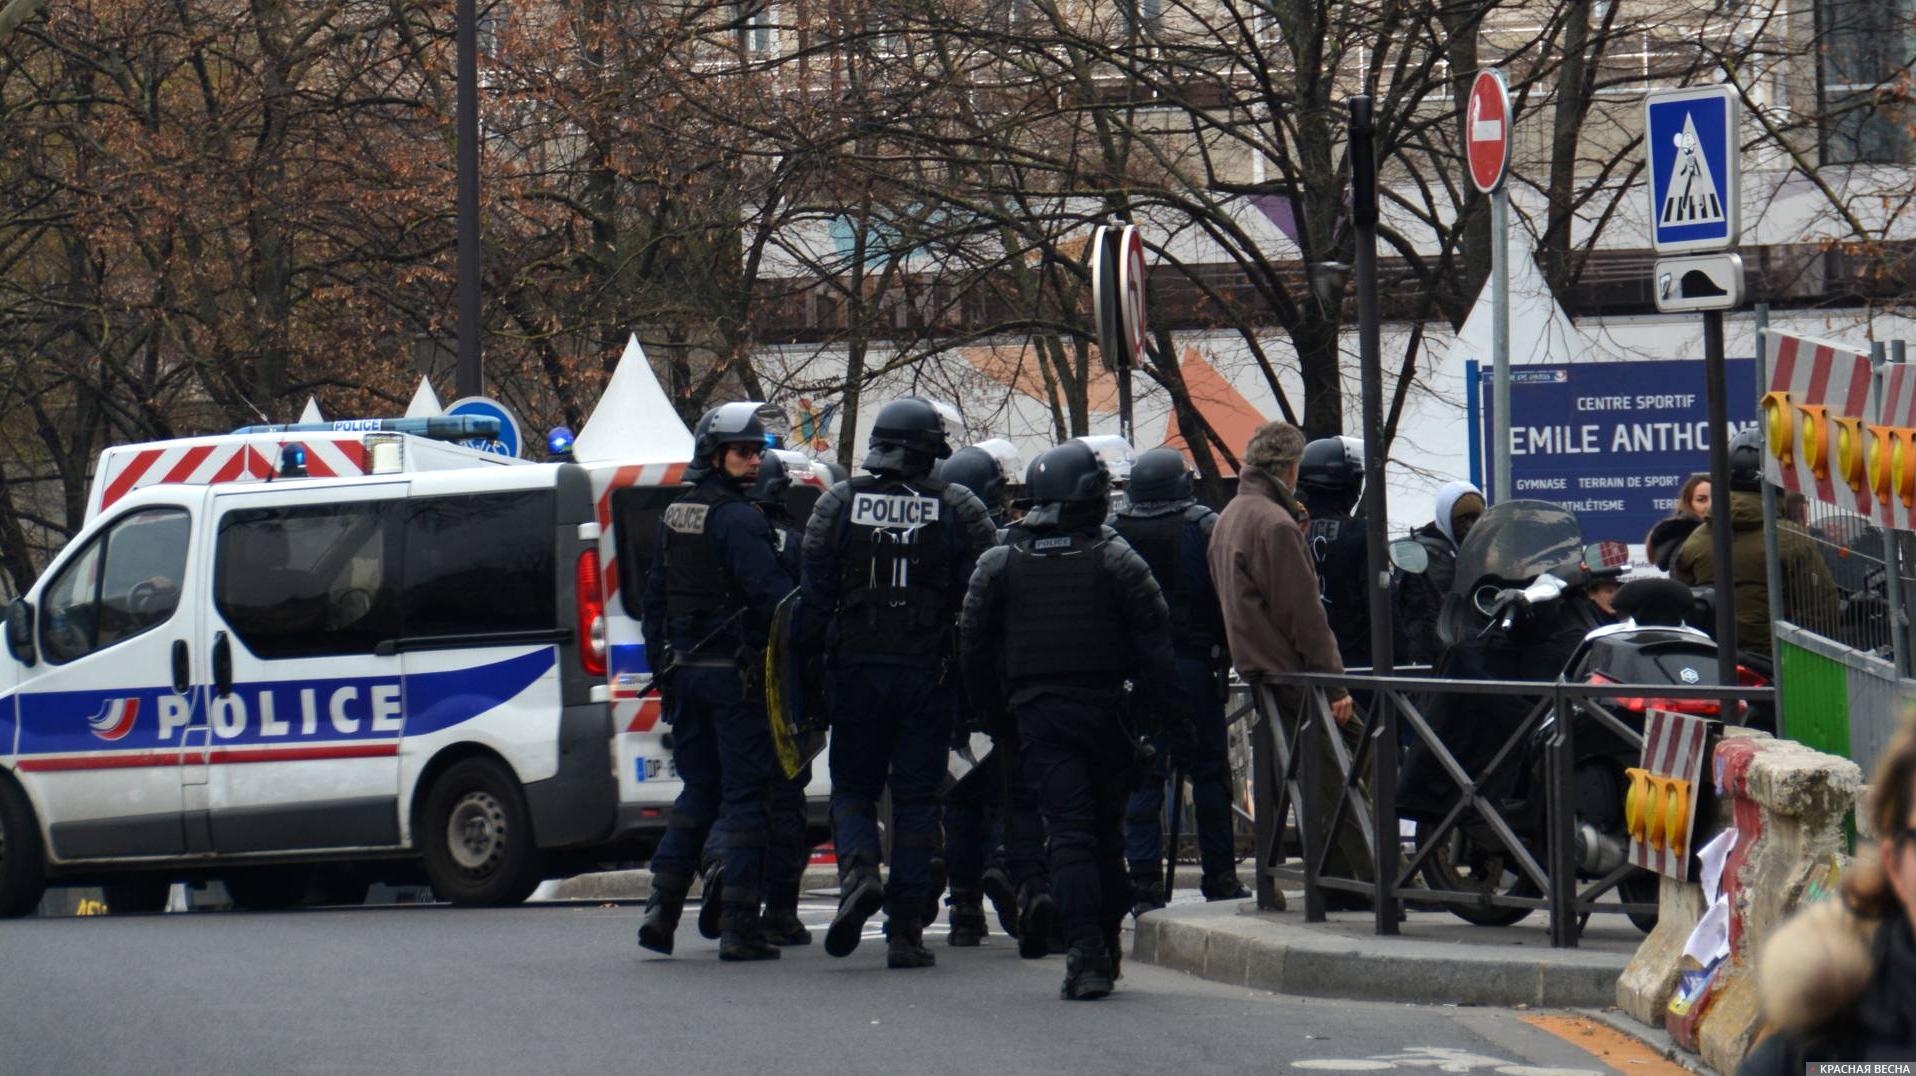 У Франції арештували 4 підозрюваних у причетності до ісламського нападу в Парижі